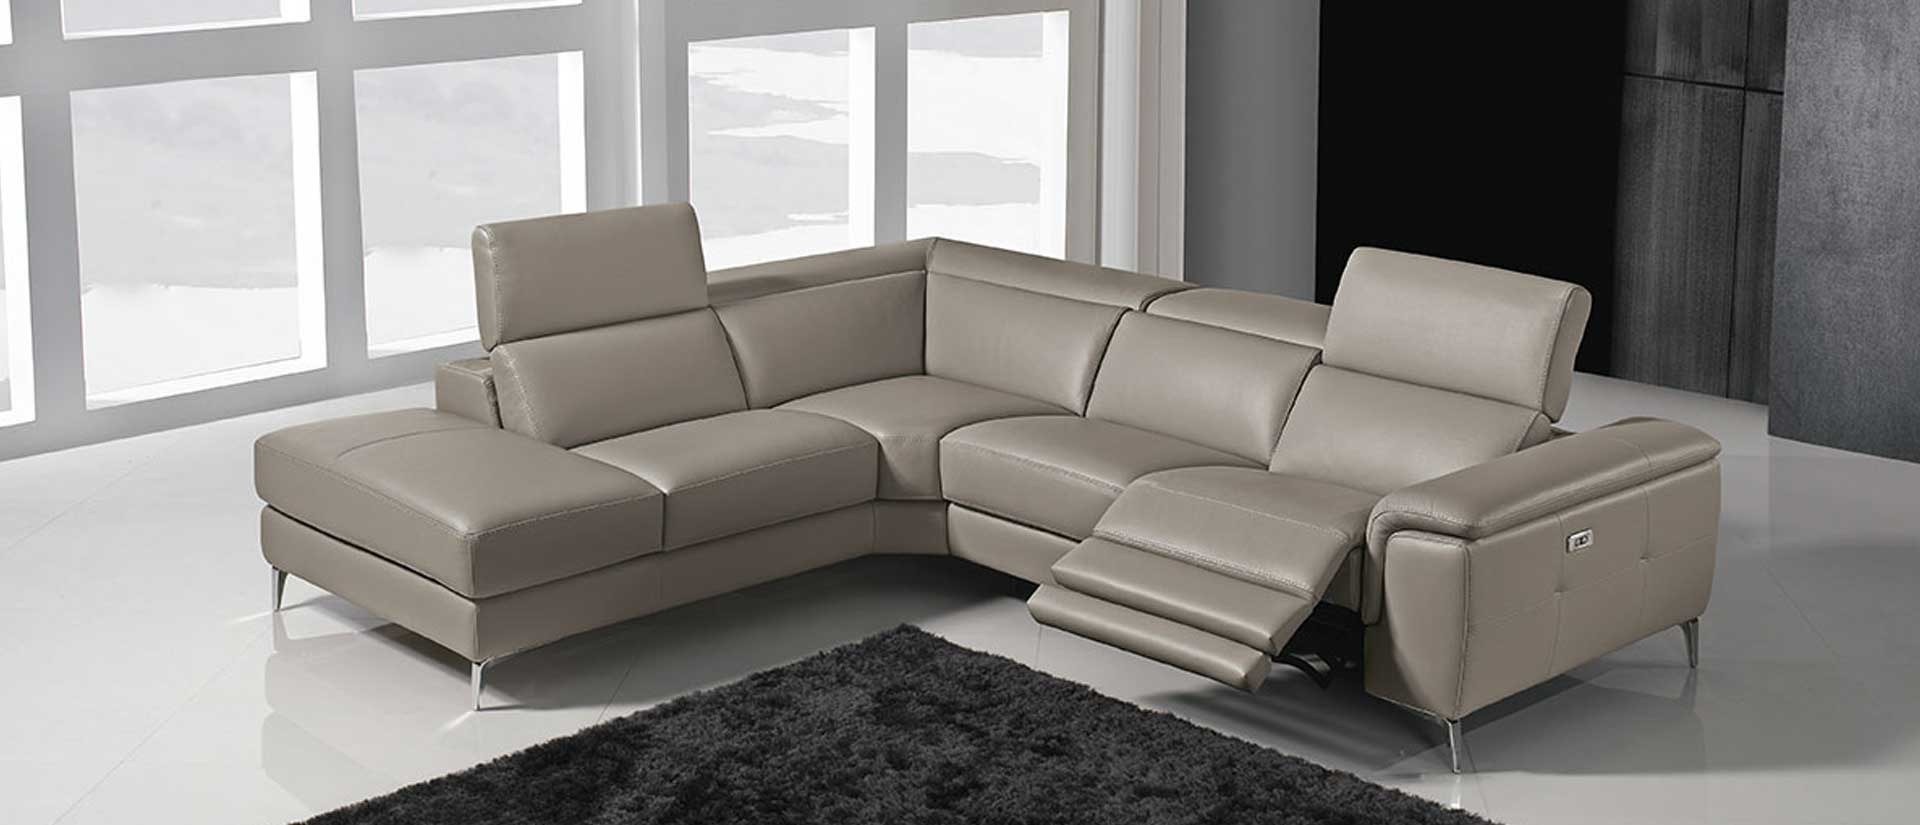 Vendita divani classici divani moderni campania casadesign for Modelli di divani